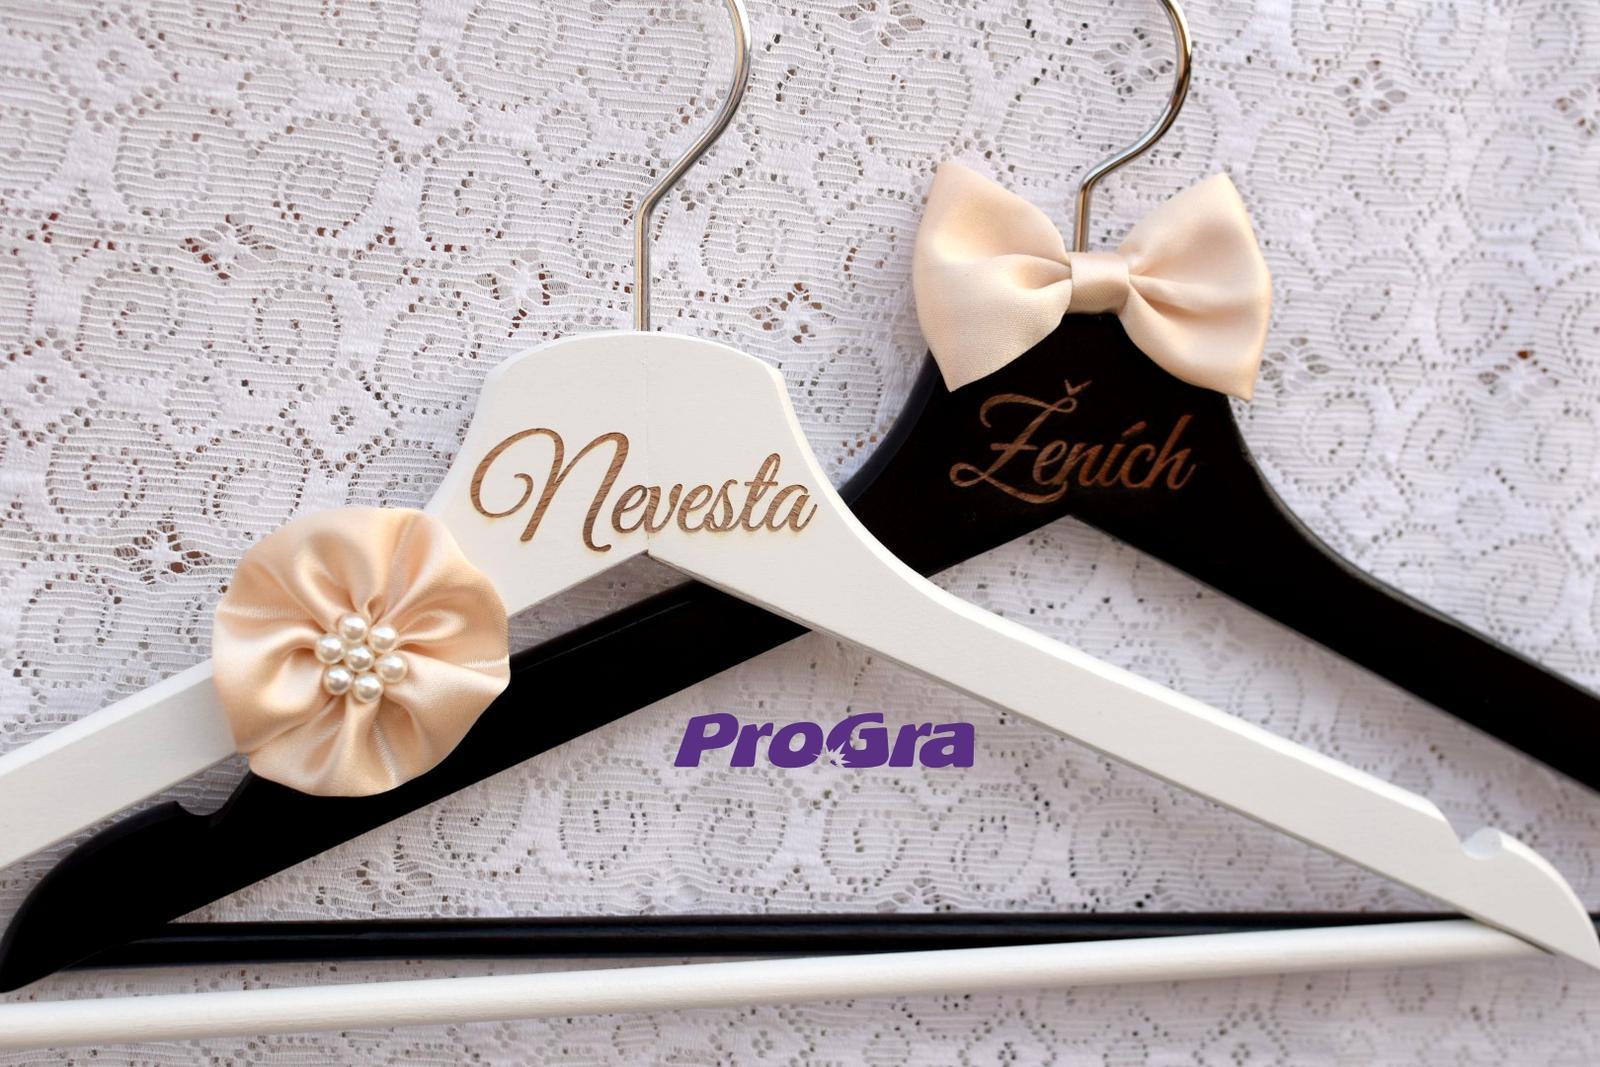 Detaily pre Váš svadobný deň - Elegantné svadobné vešiaky s ručne šitou saténovou dekoráciou